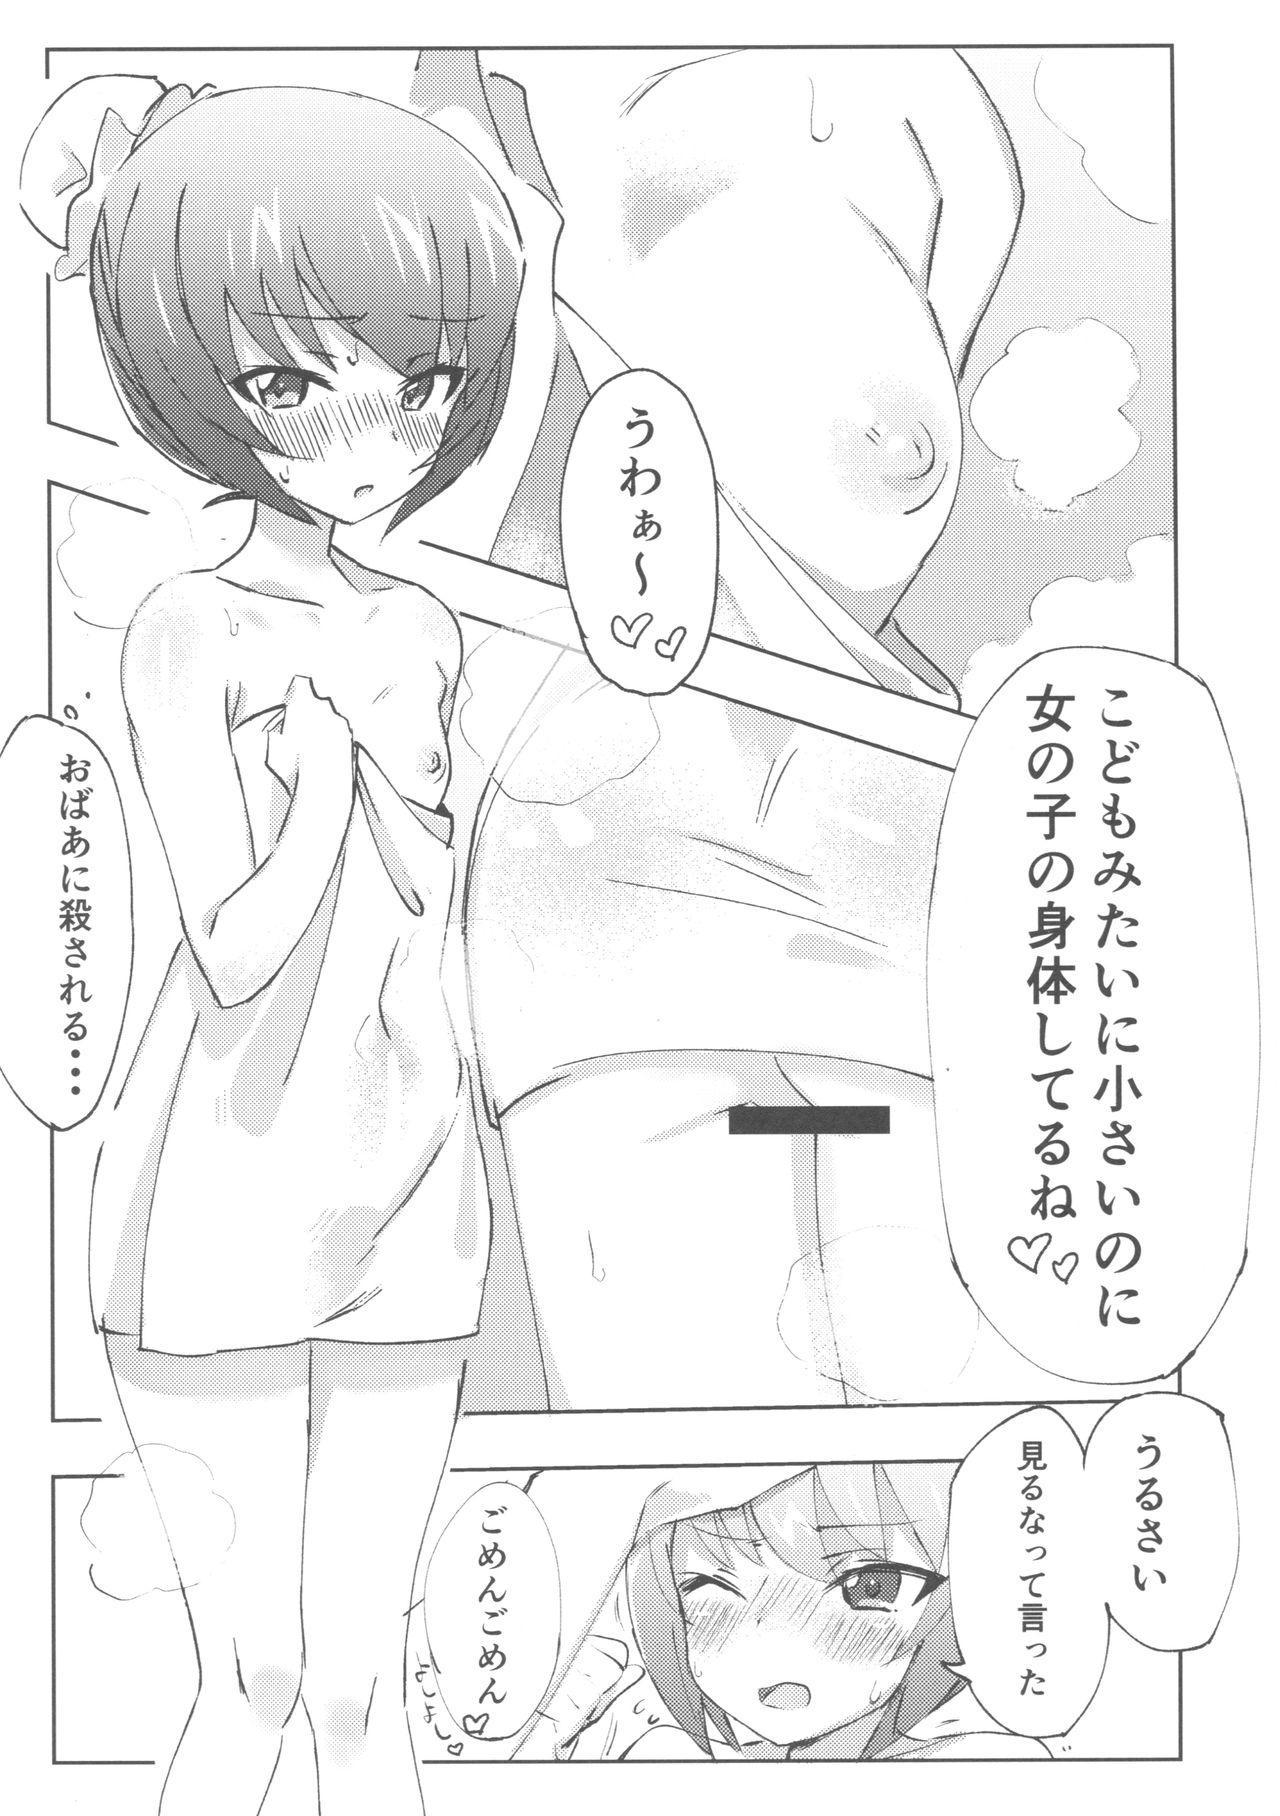 GirlPan Chara ni Ecchi na Onegai o Shitemiru Hon 11